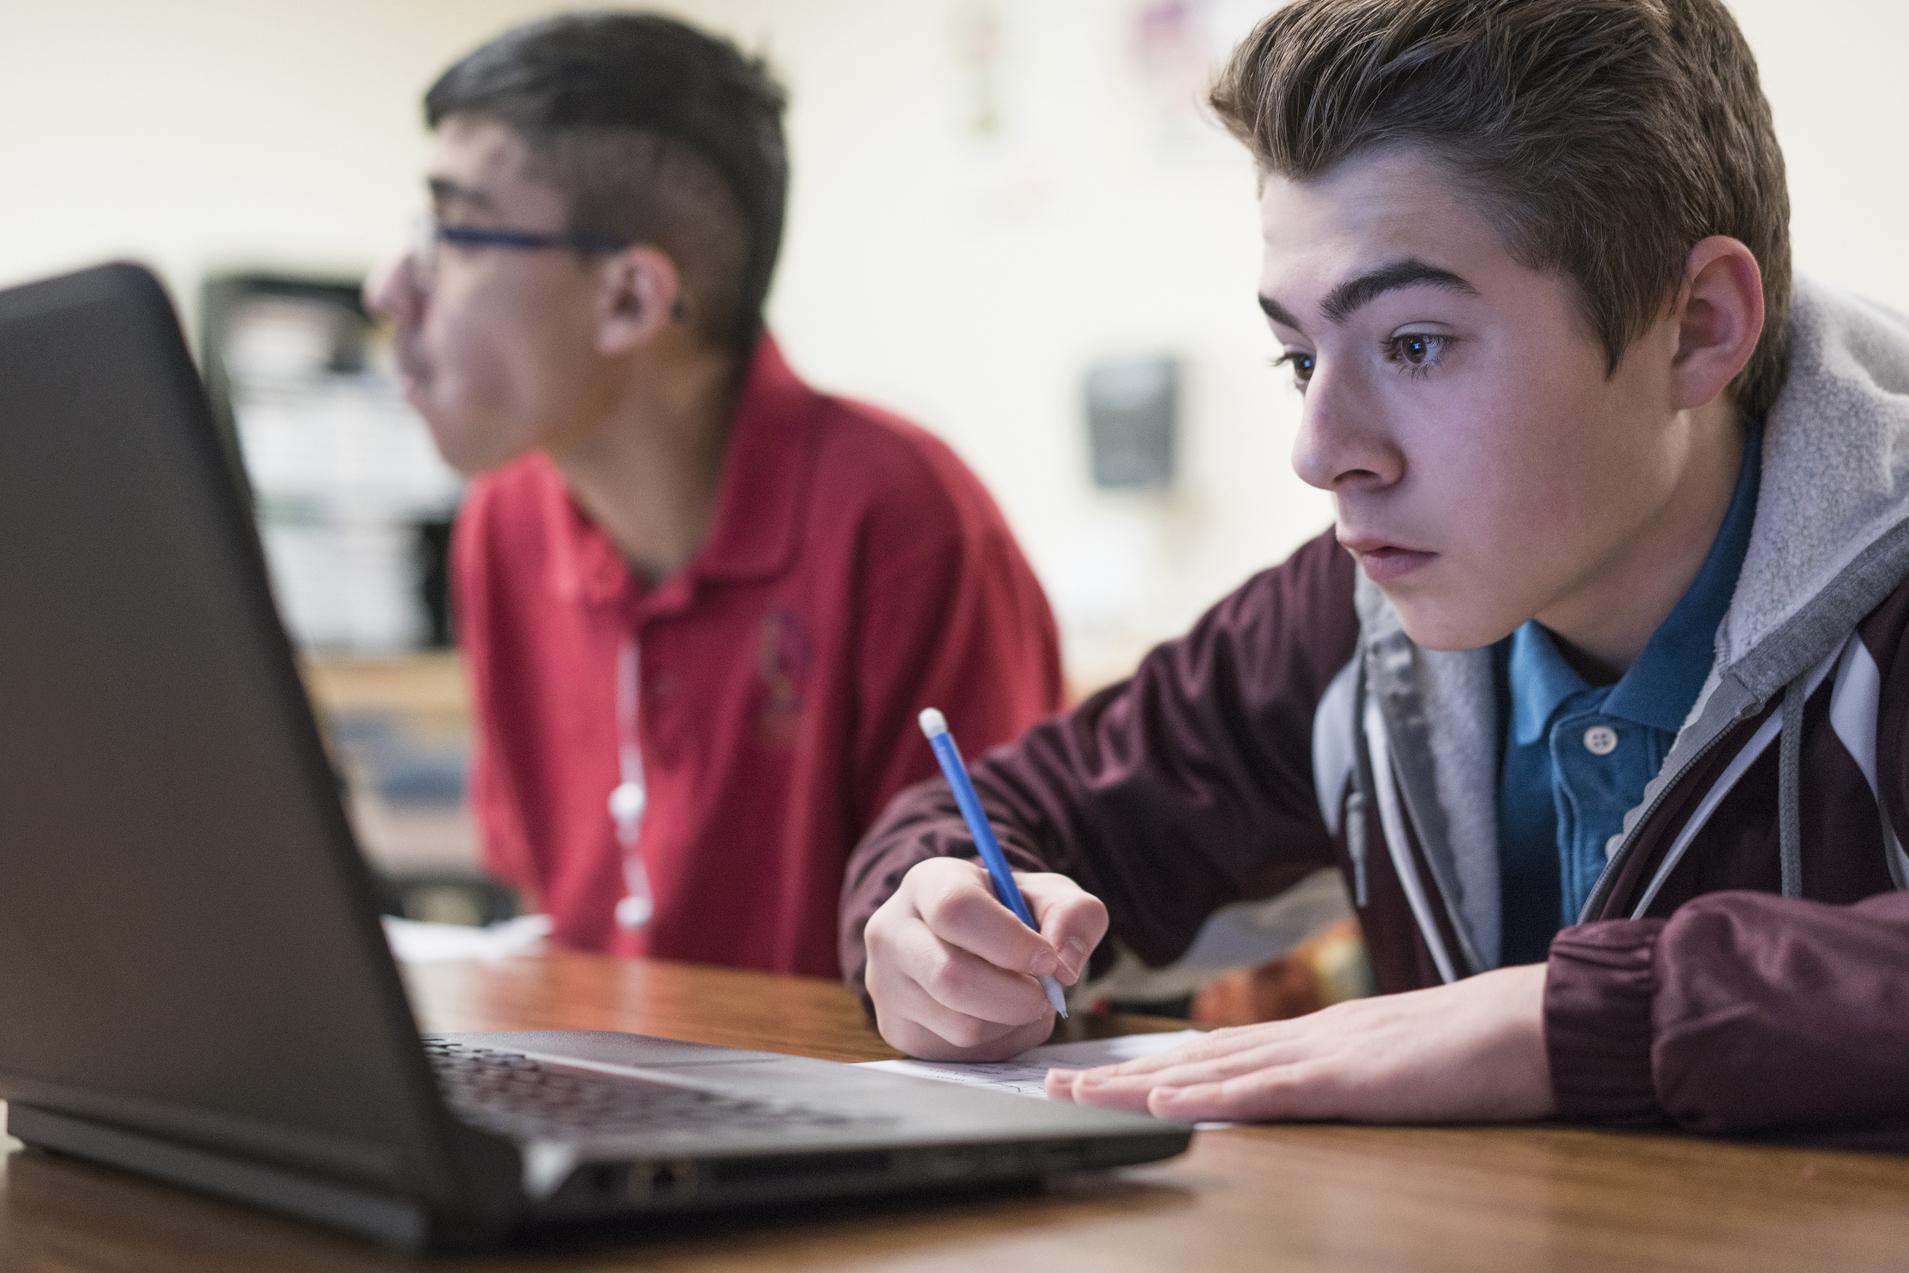 Öğretmenden Çocuklara Şok Soru Müslüman ve Eşcinsellerin Yanında 'Rahat' Mısınız?!